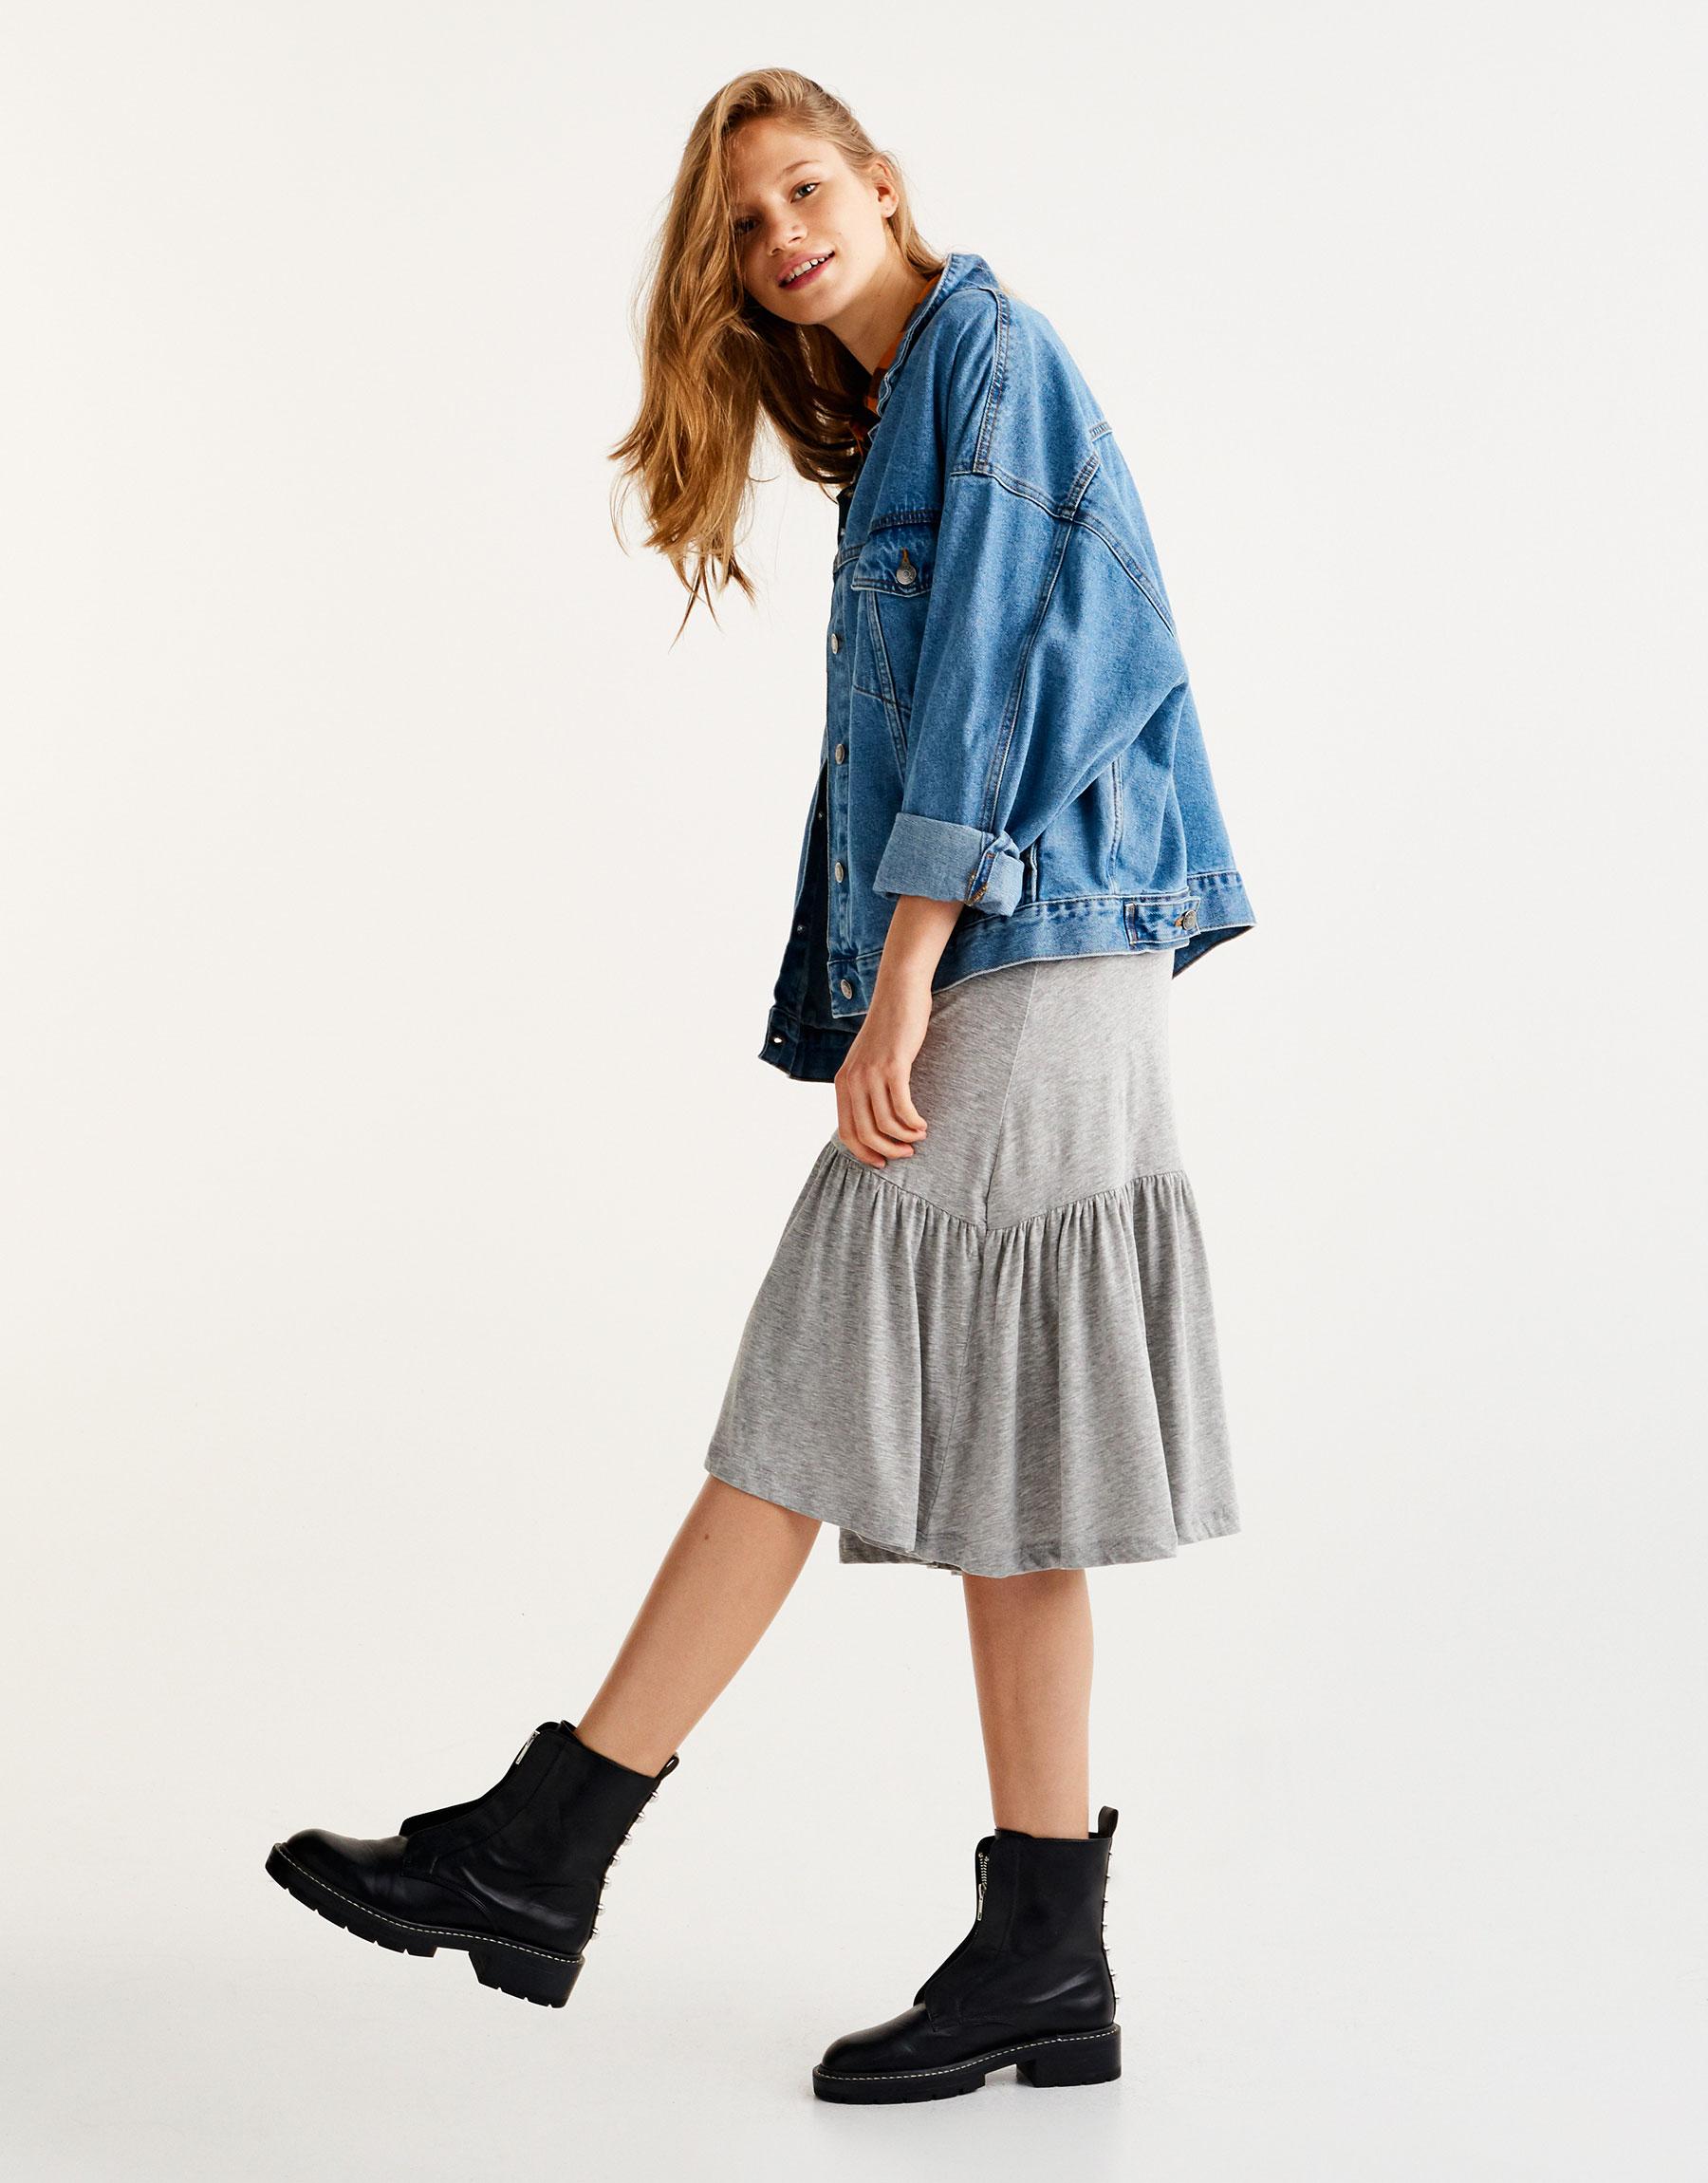 Midi skirt with ruffled hem